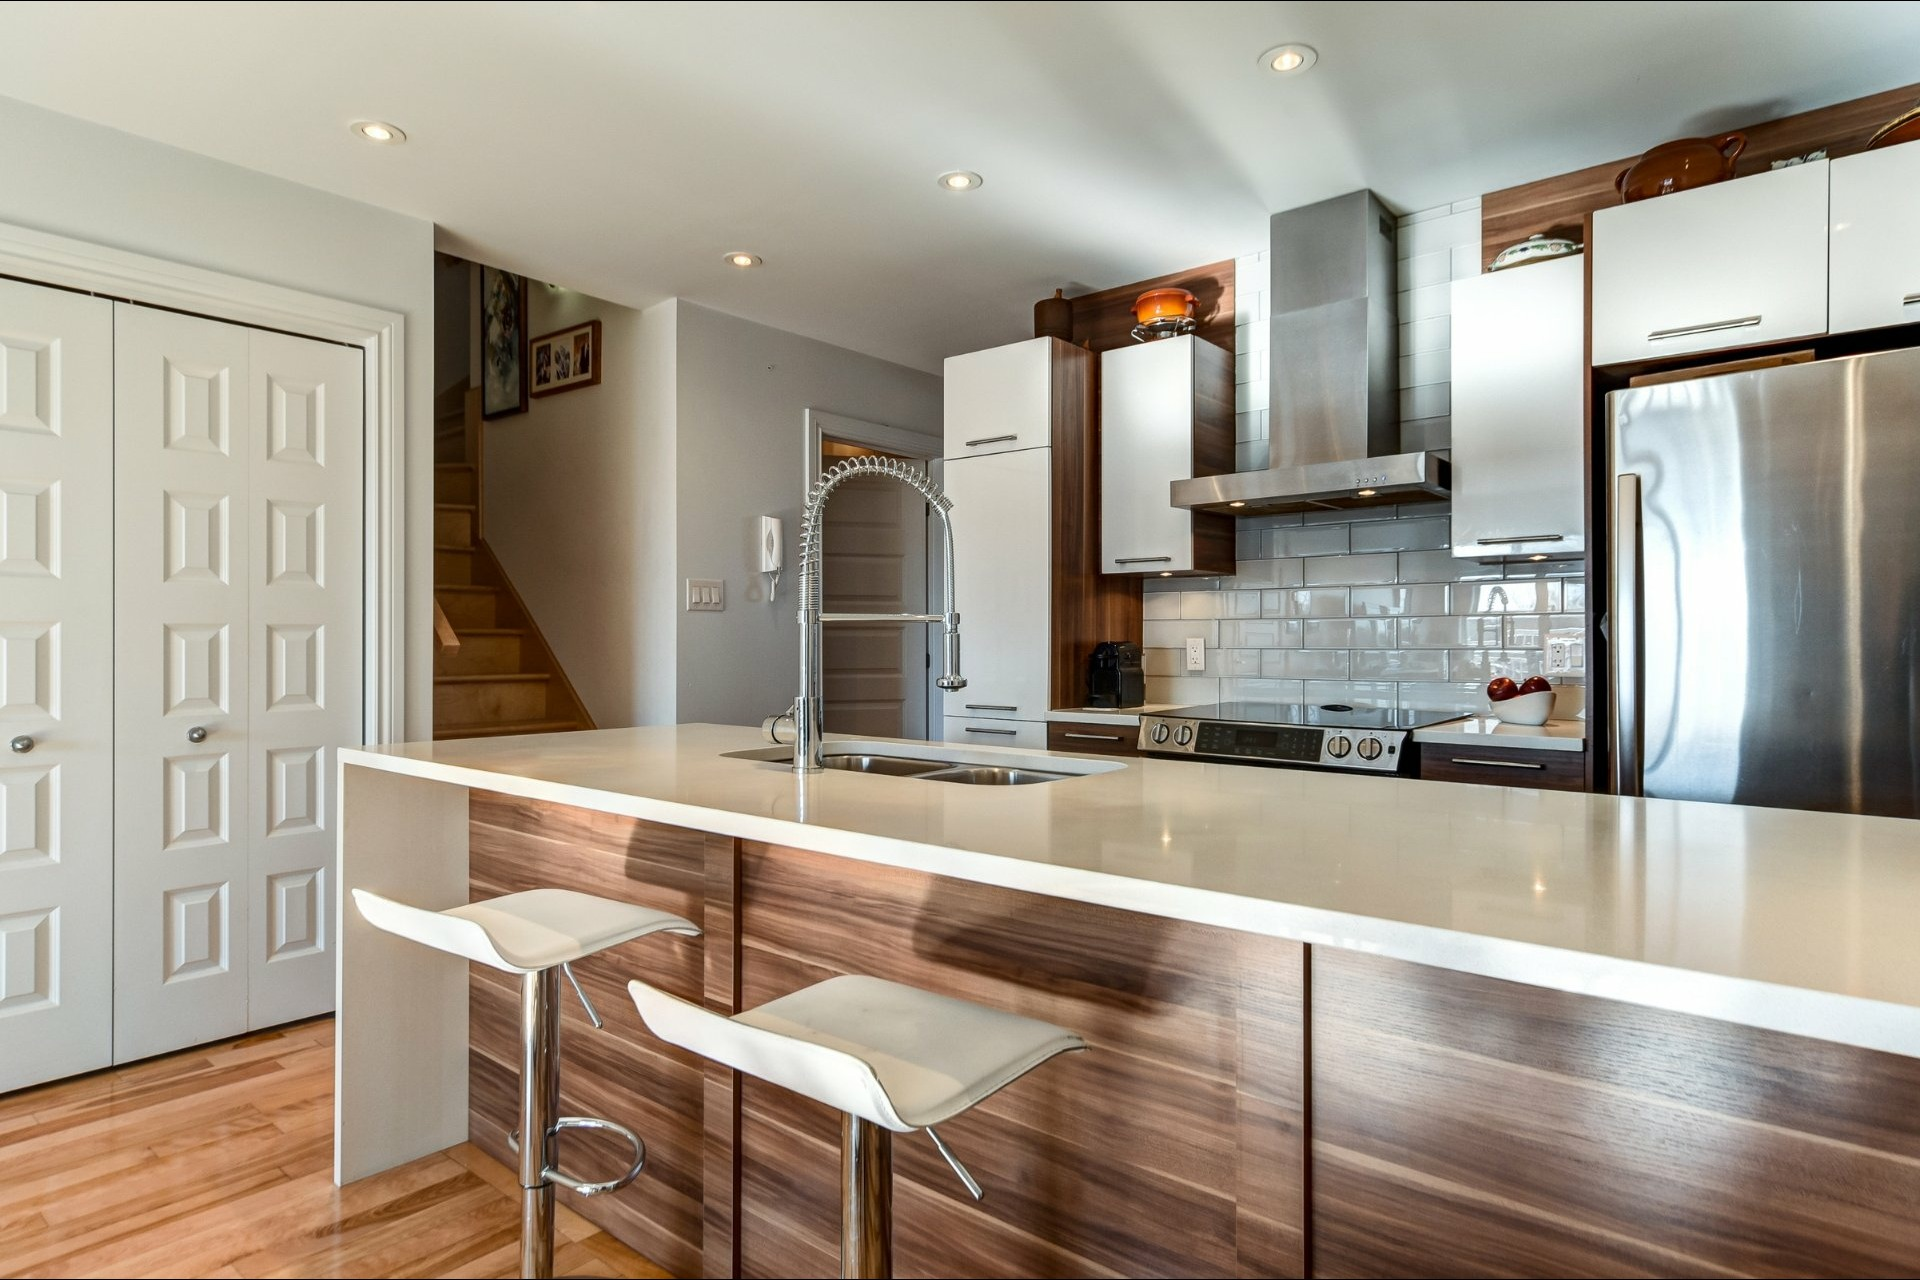 image 6 - Appartement À vendre Villeray/Saint-Michel/Parc-Extension Montréal  - 5 pièces